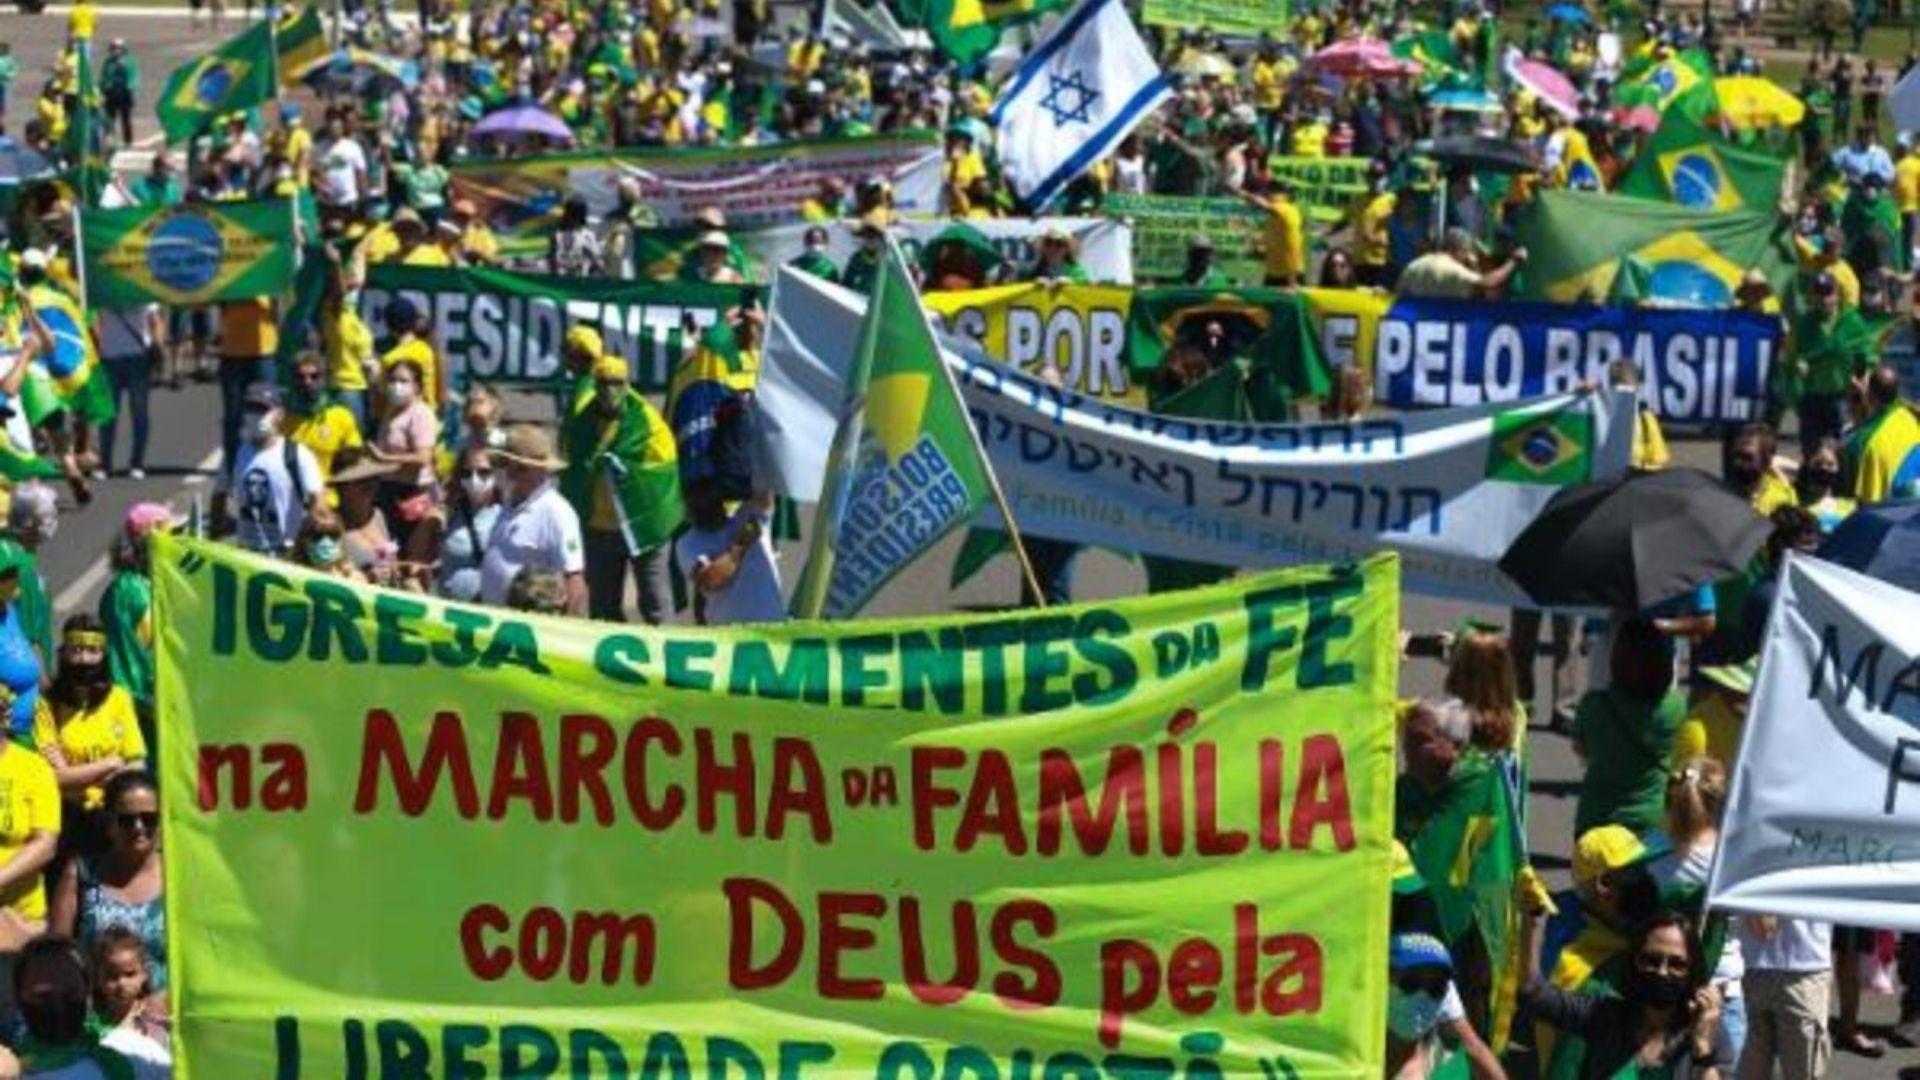 Cristãos vão às ruas protestar contra a decisão do STF sobre as restrições de cultos